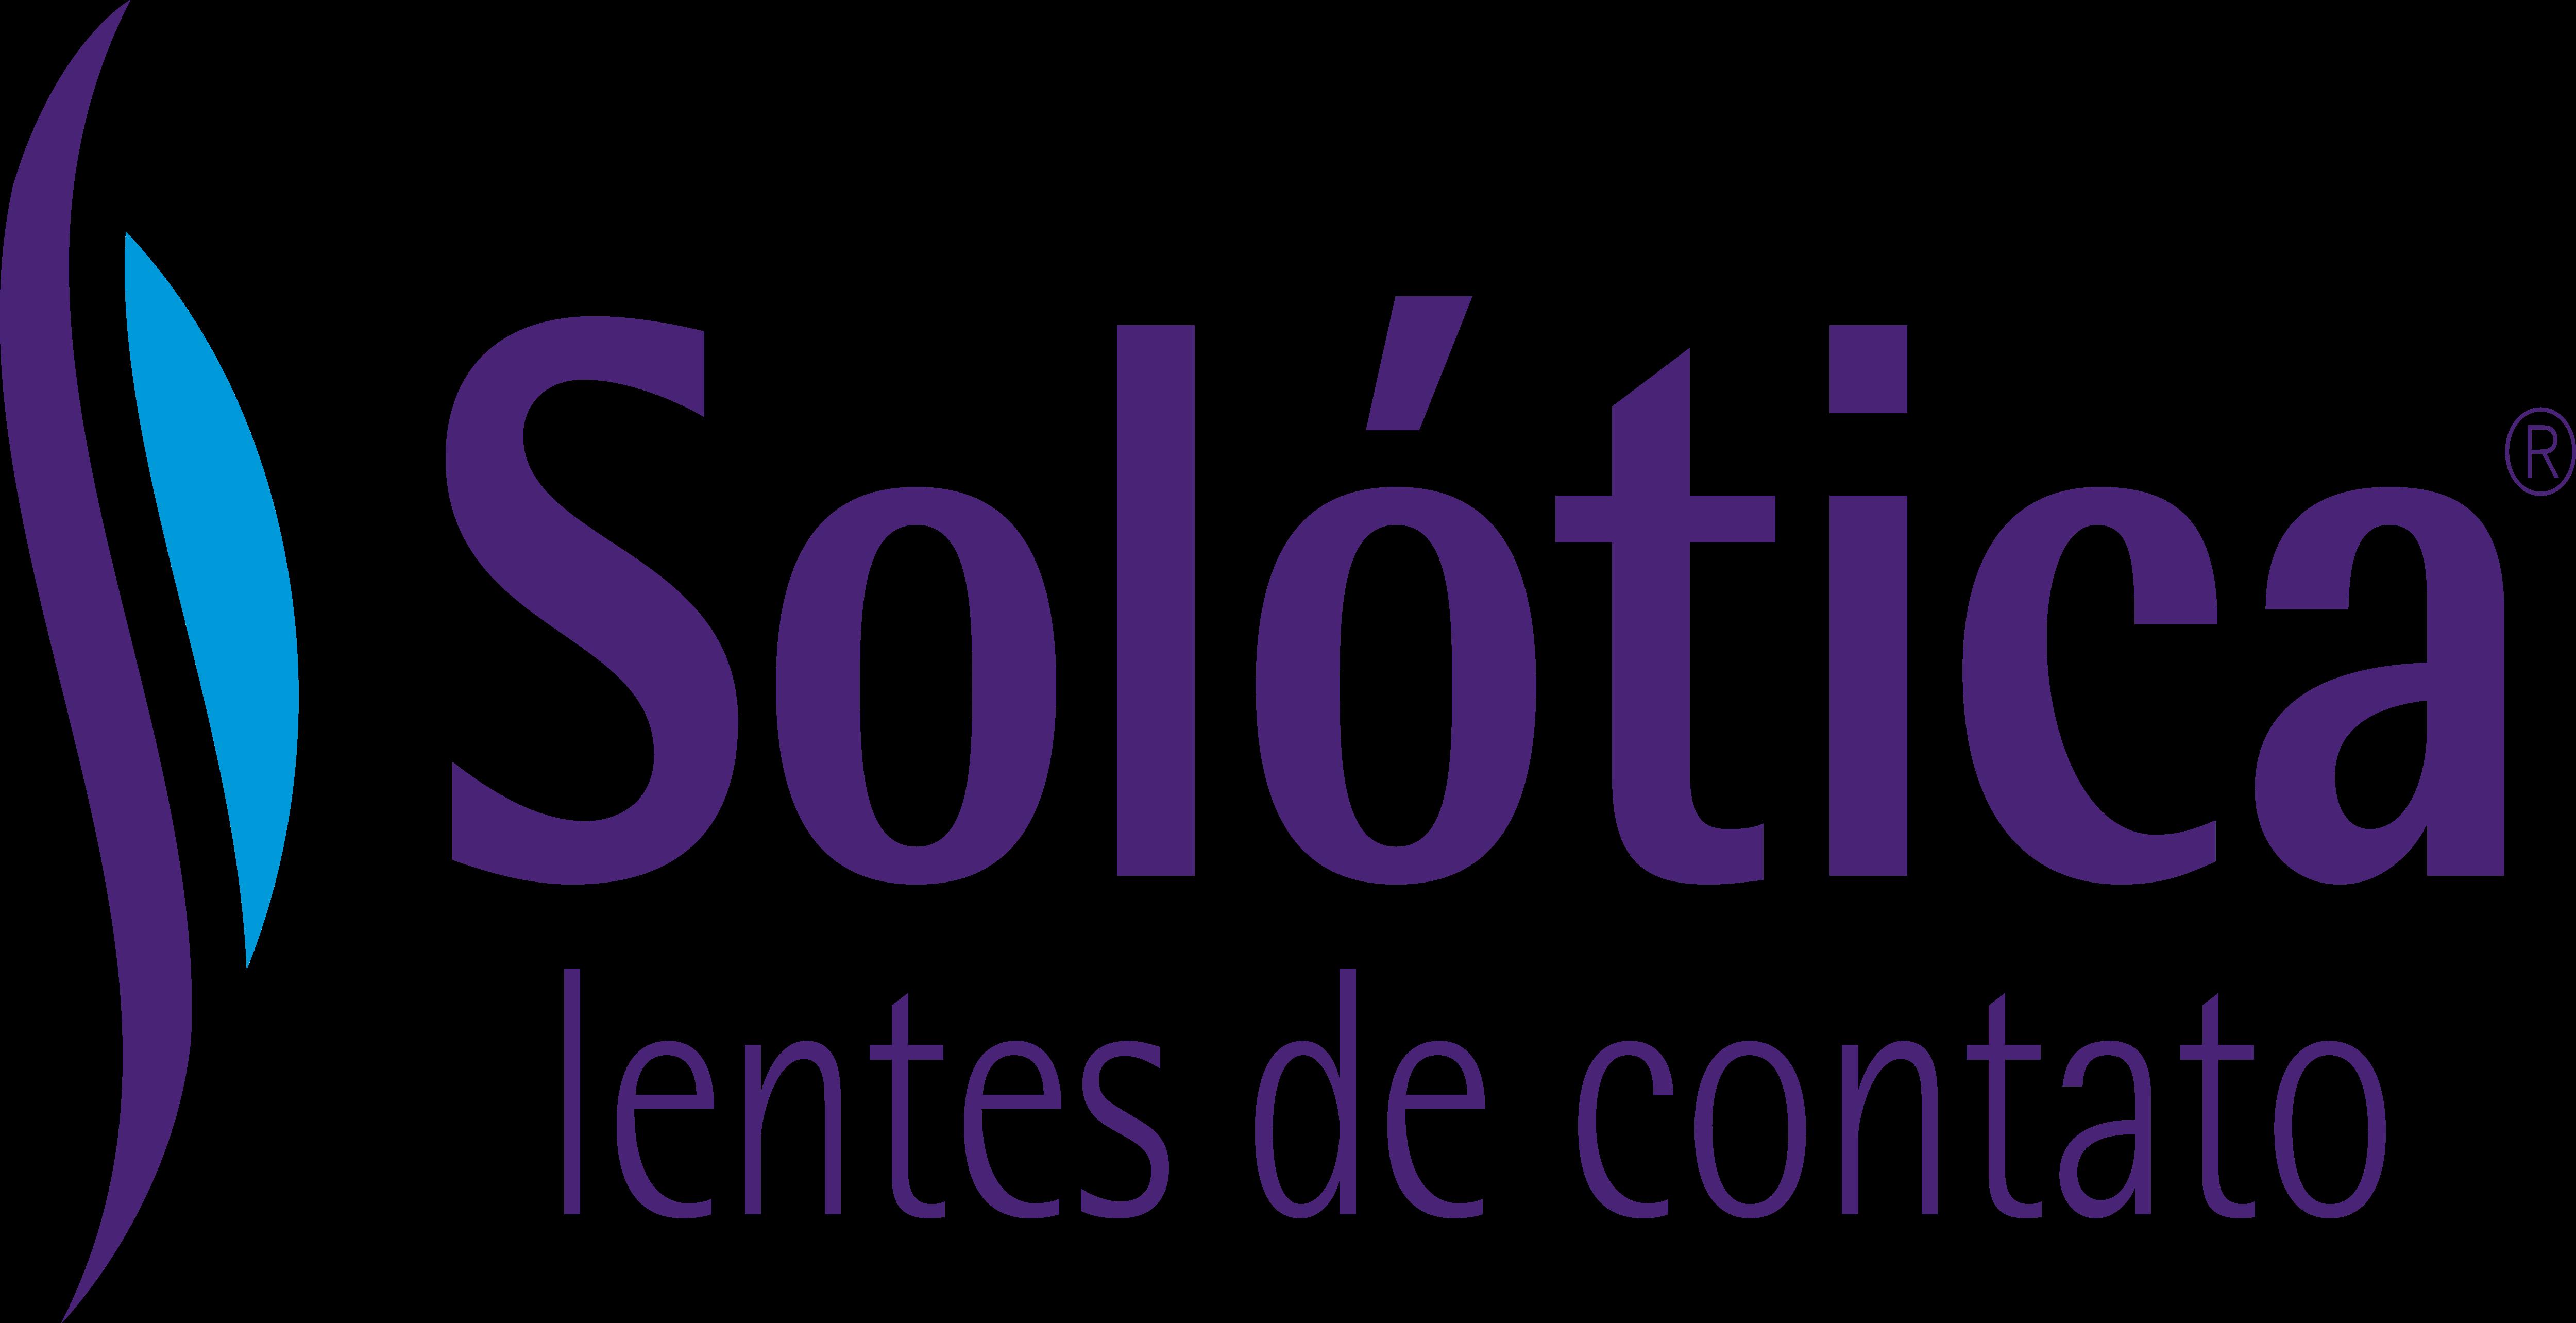 سولوتيكا